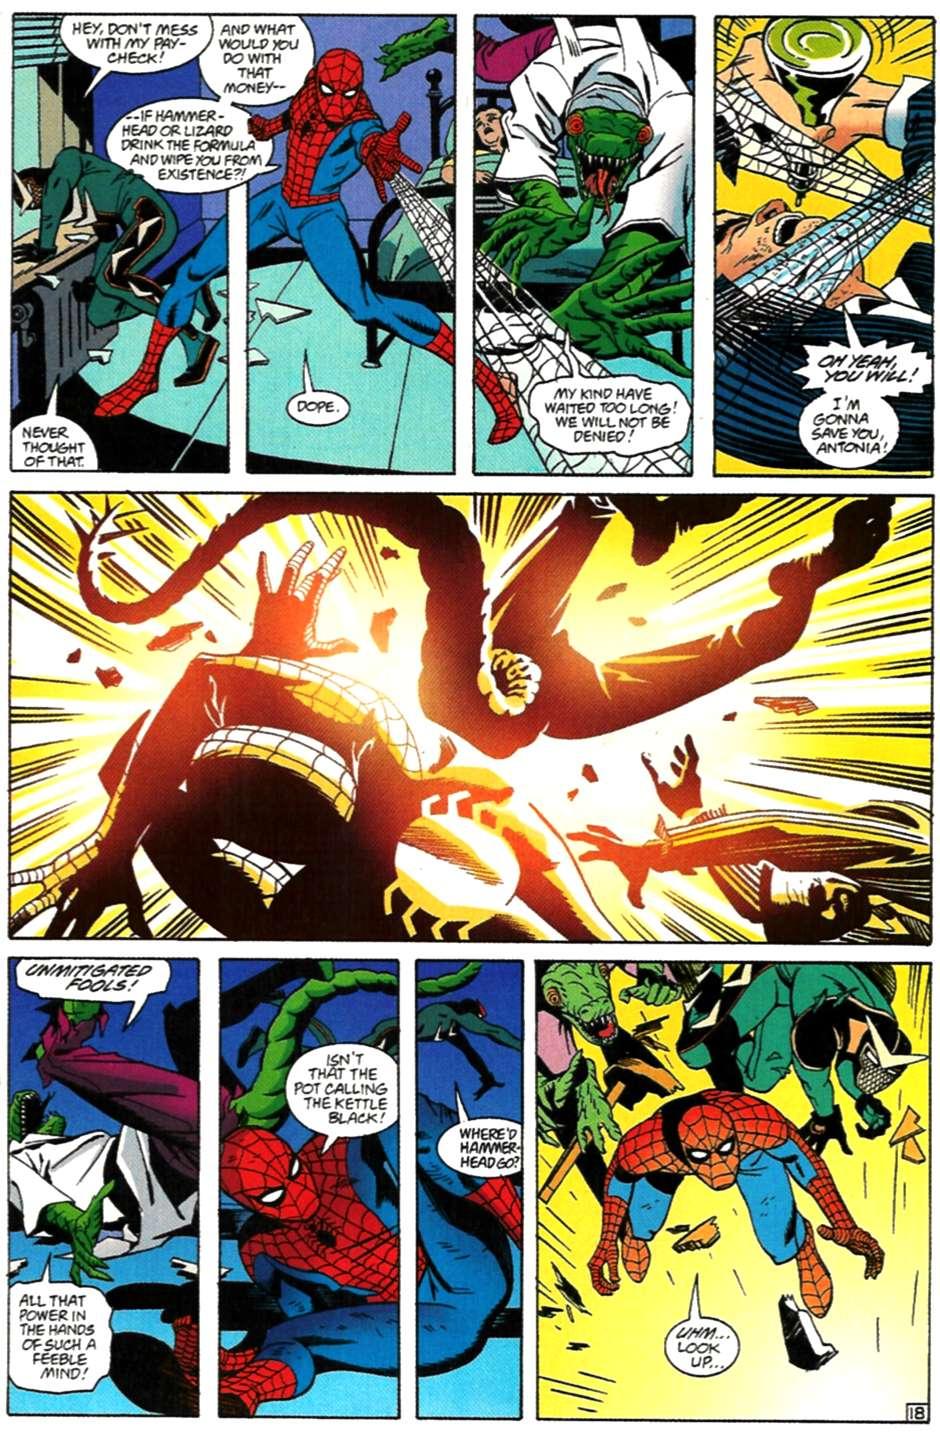 Read online Spider-Man: Lifeline comic -  Issue #3 - 18